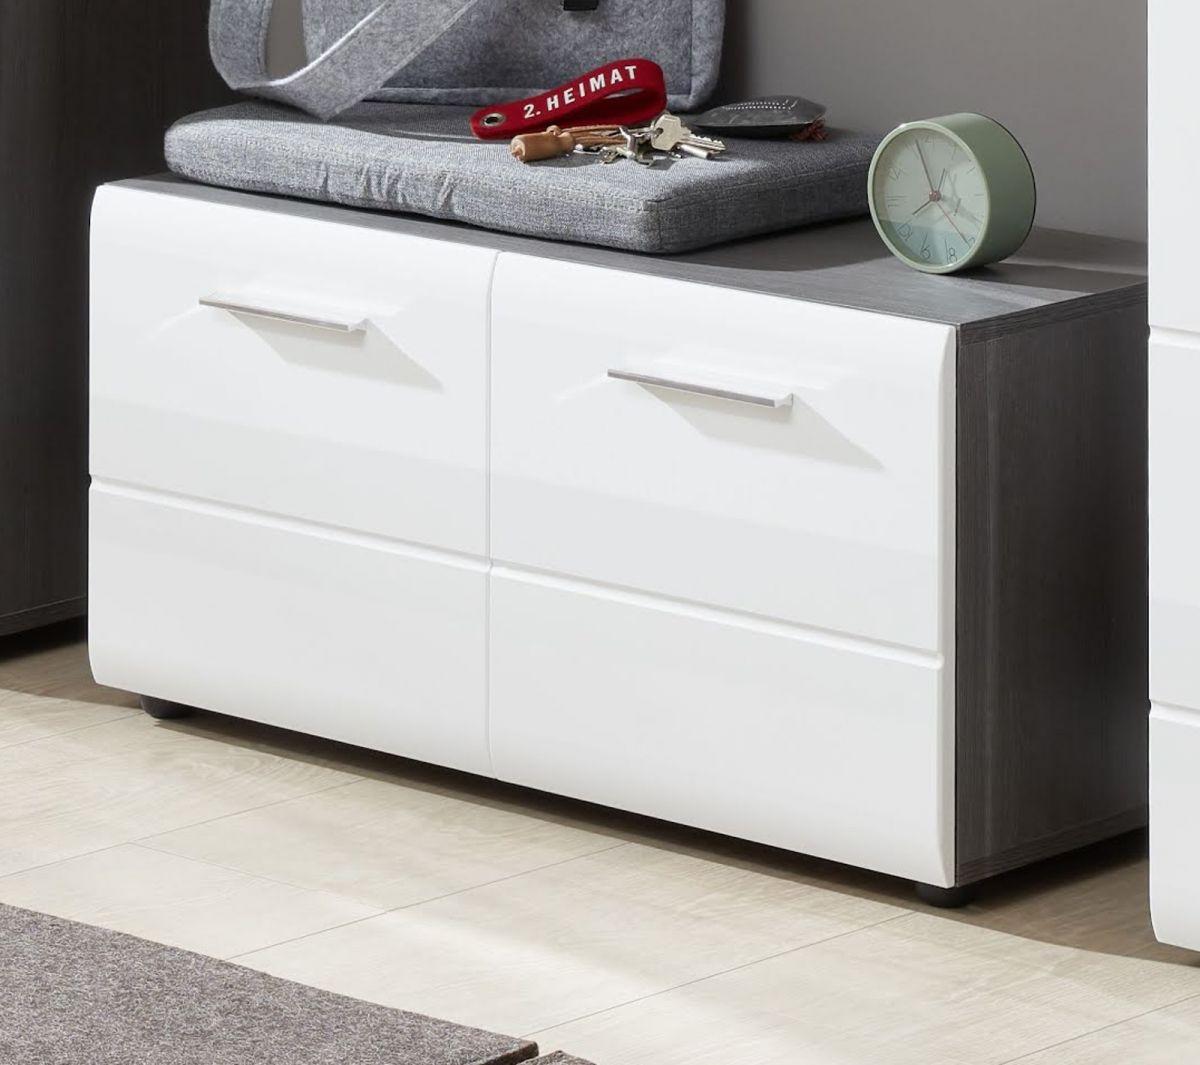 Garderobe Sitzbank und Schuhschrank Line Hochglanz weiss Sardegna grau 80 x 41 cm